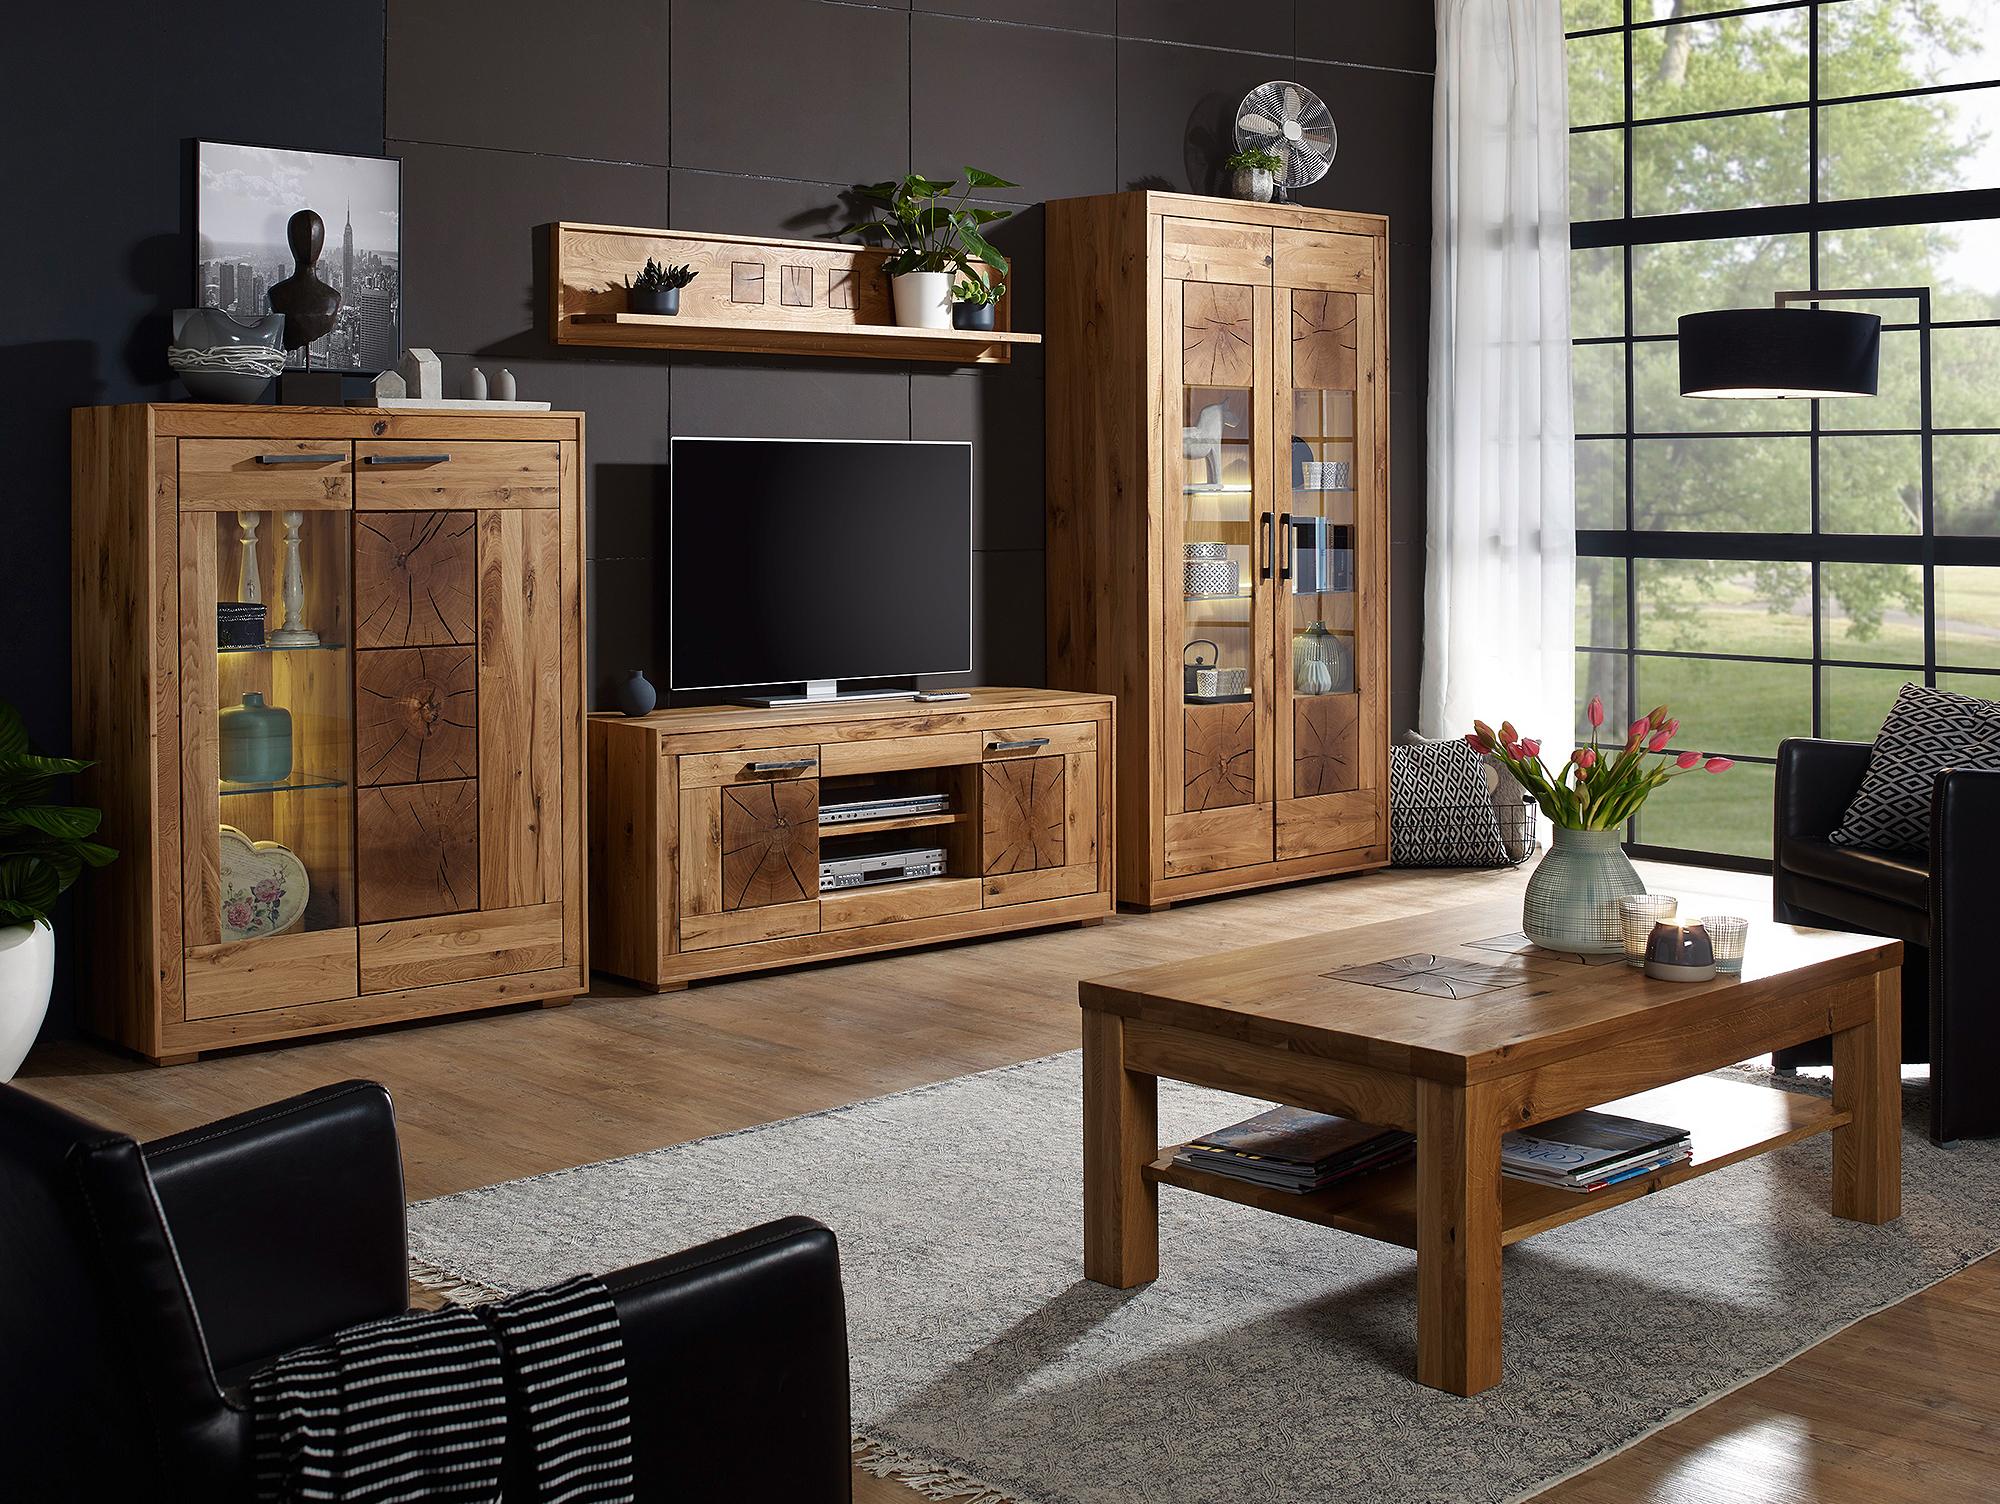 winston couchtisch wildeiche massiv mit hirnholz 118 cm. Black Bedroom Furniture Sets. Home Design Ideas